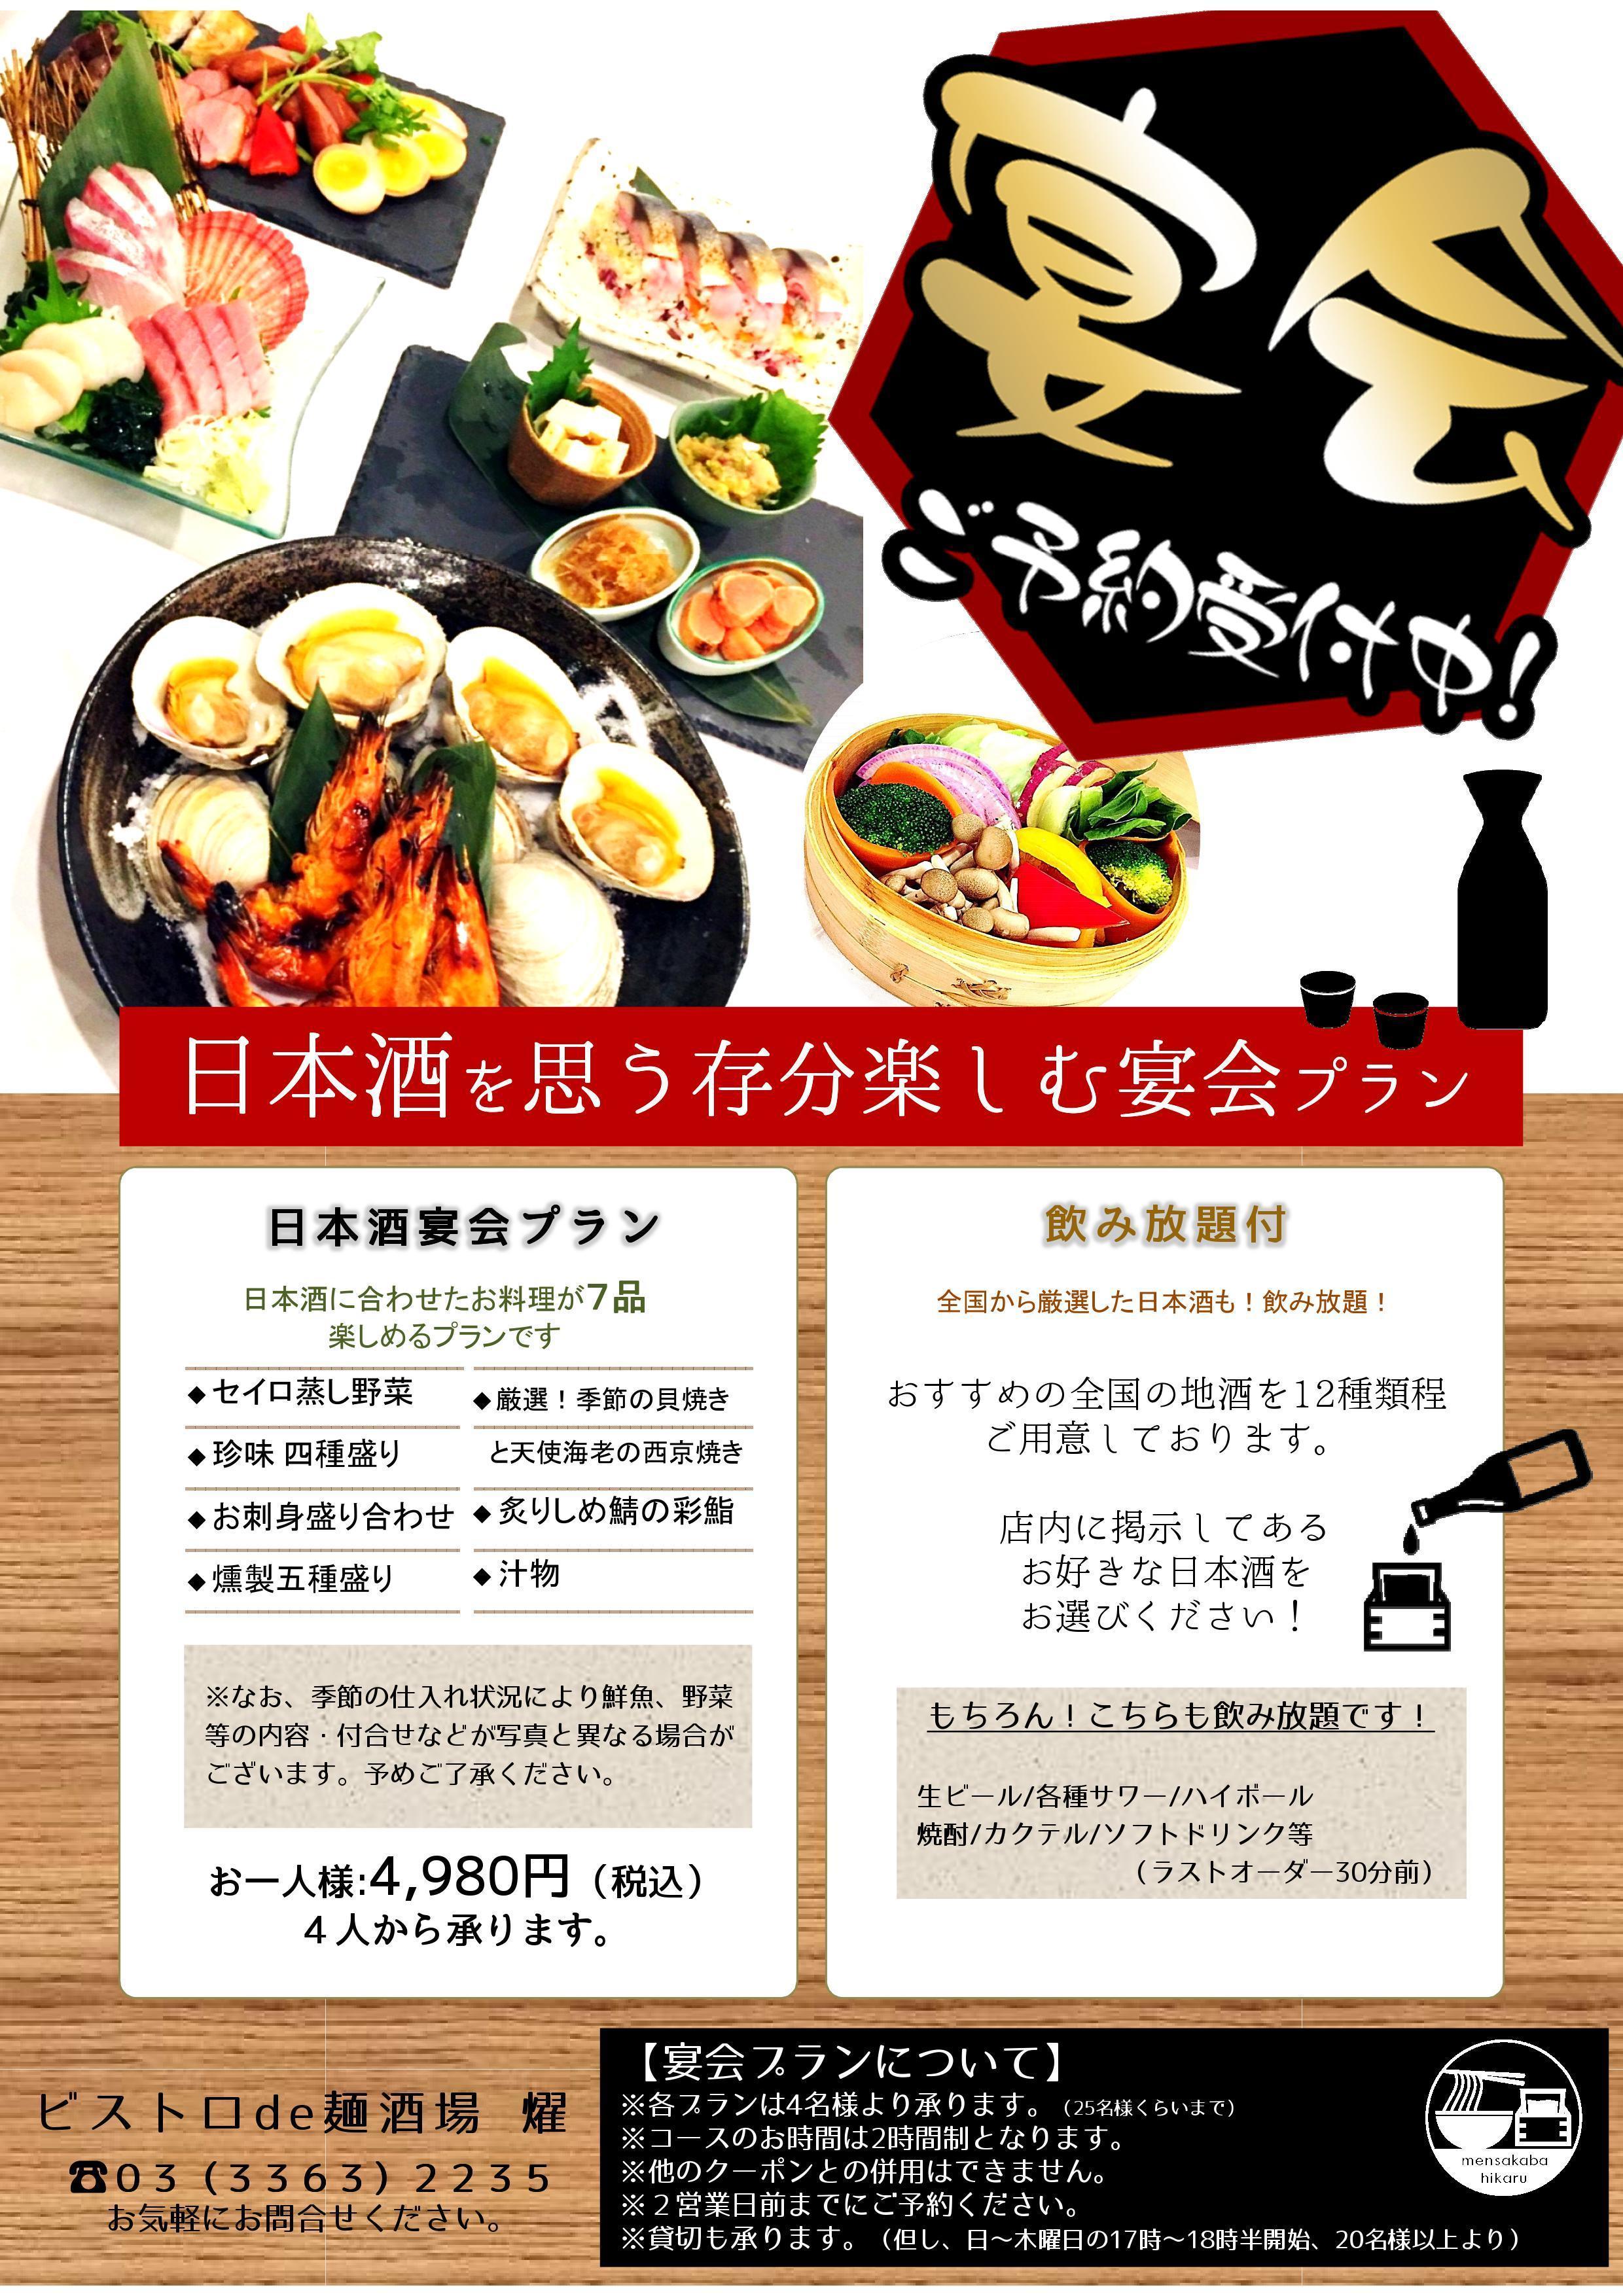 東中野 麺酒場 燿 の日本酒飲み放題!宴会プラン(コース)(飲み放題付)